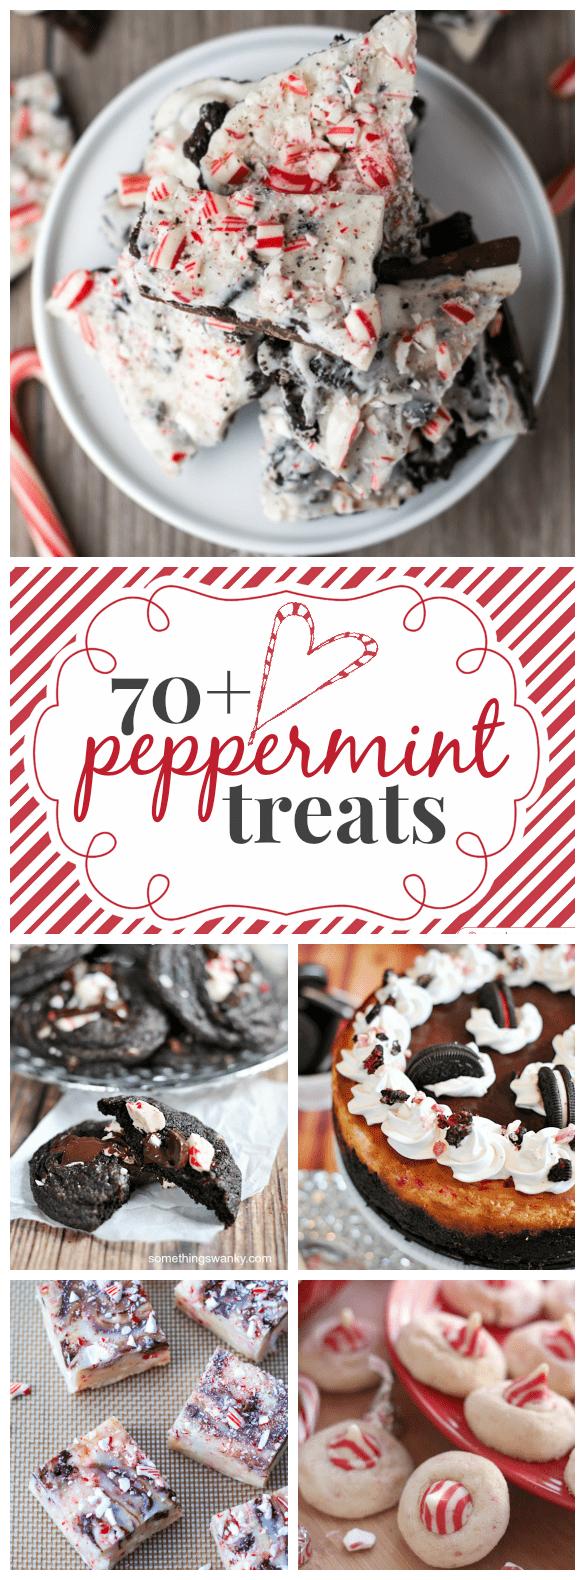 70+ Peppermint Treats | www.somethingswanky.com